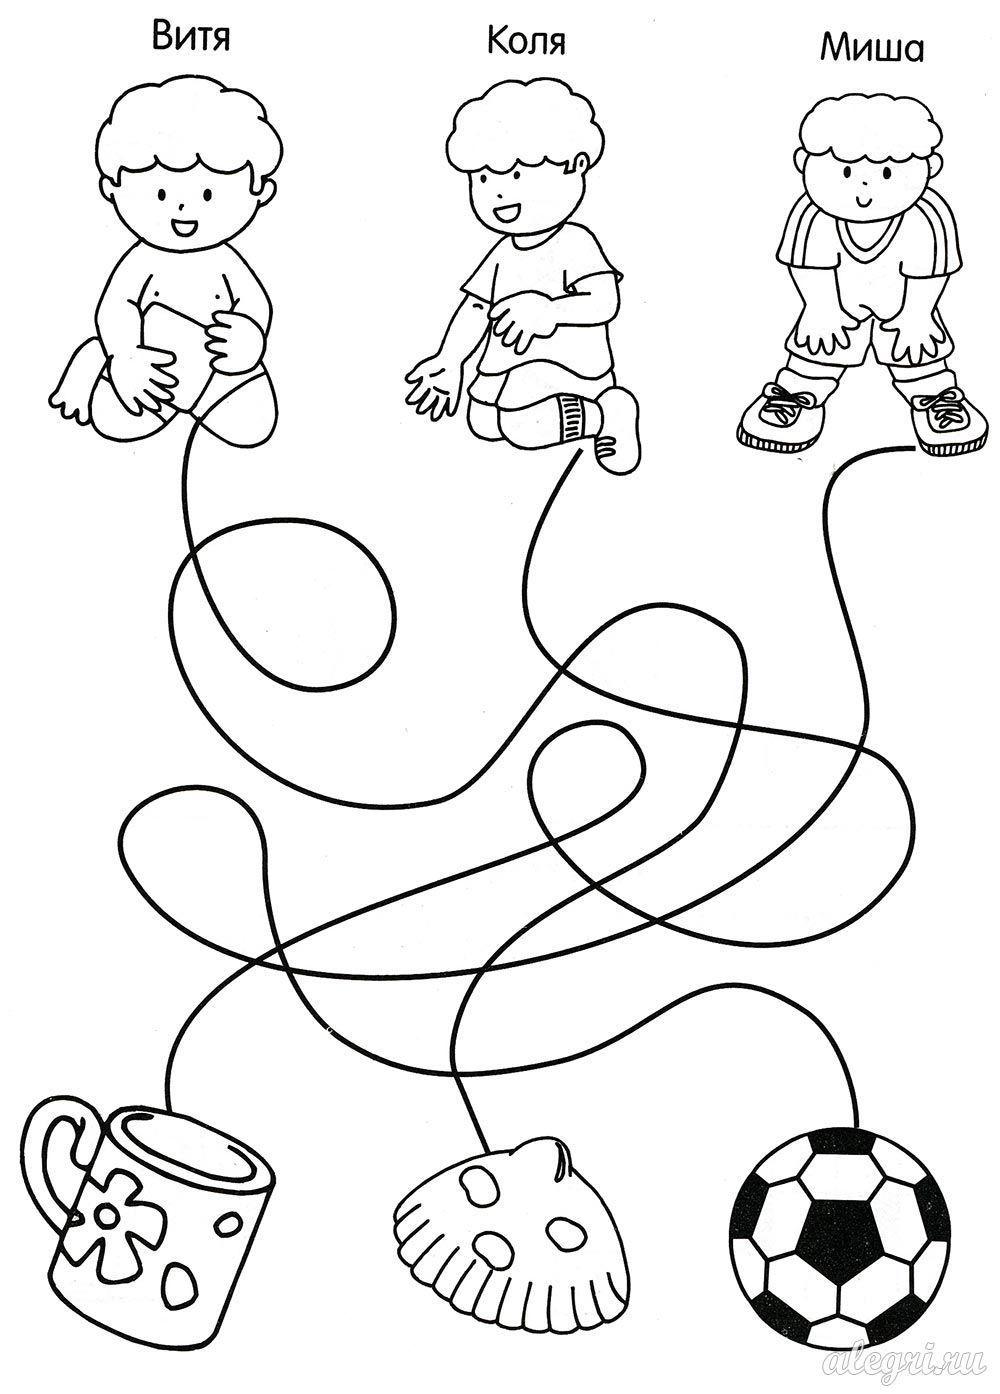 Улучшение памяти внимание упражнения для взрослых детей